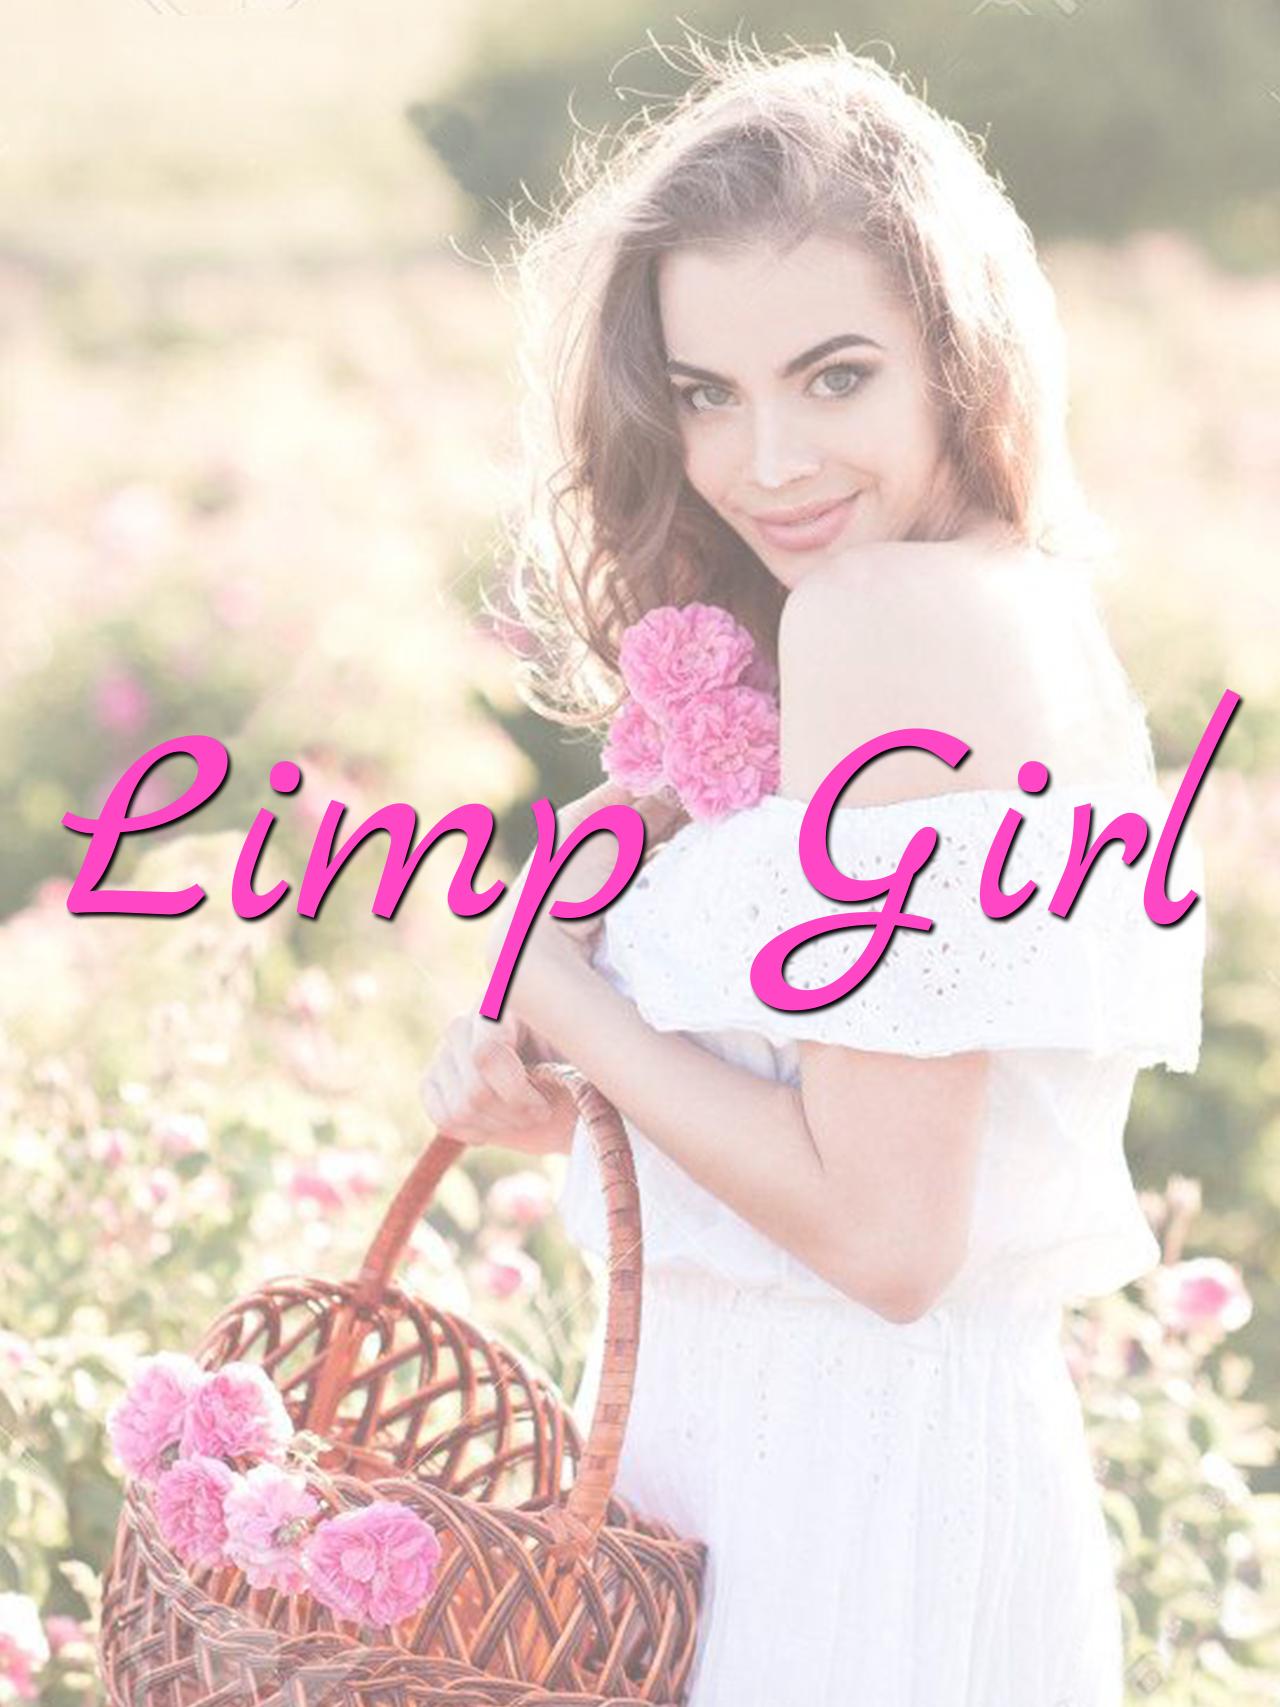 Limp Girl